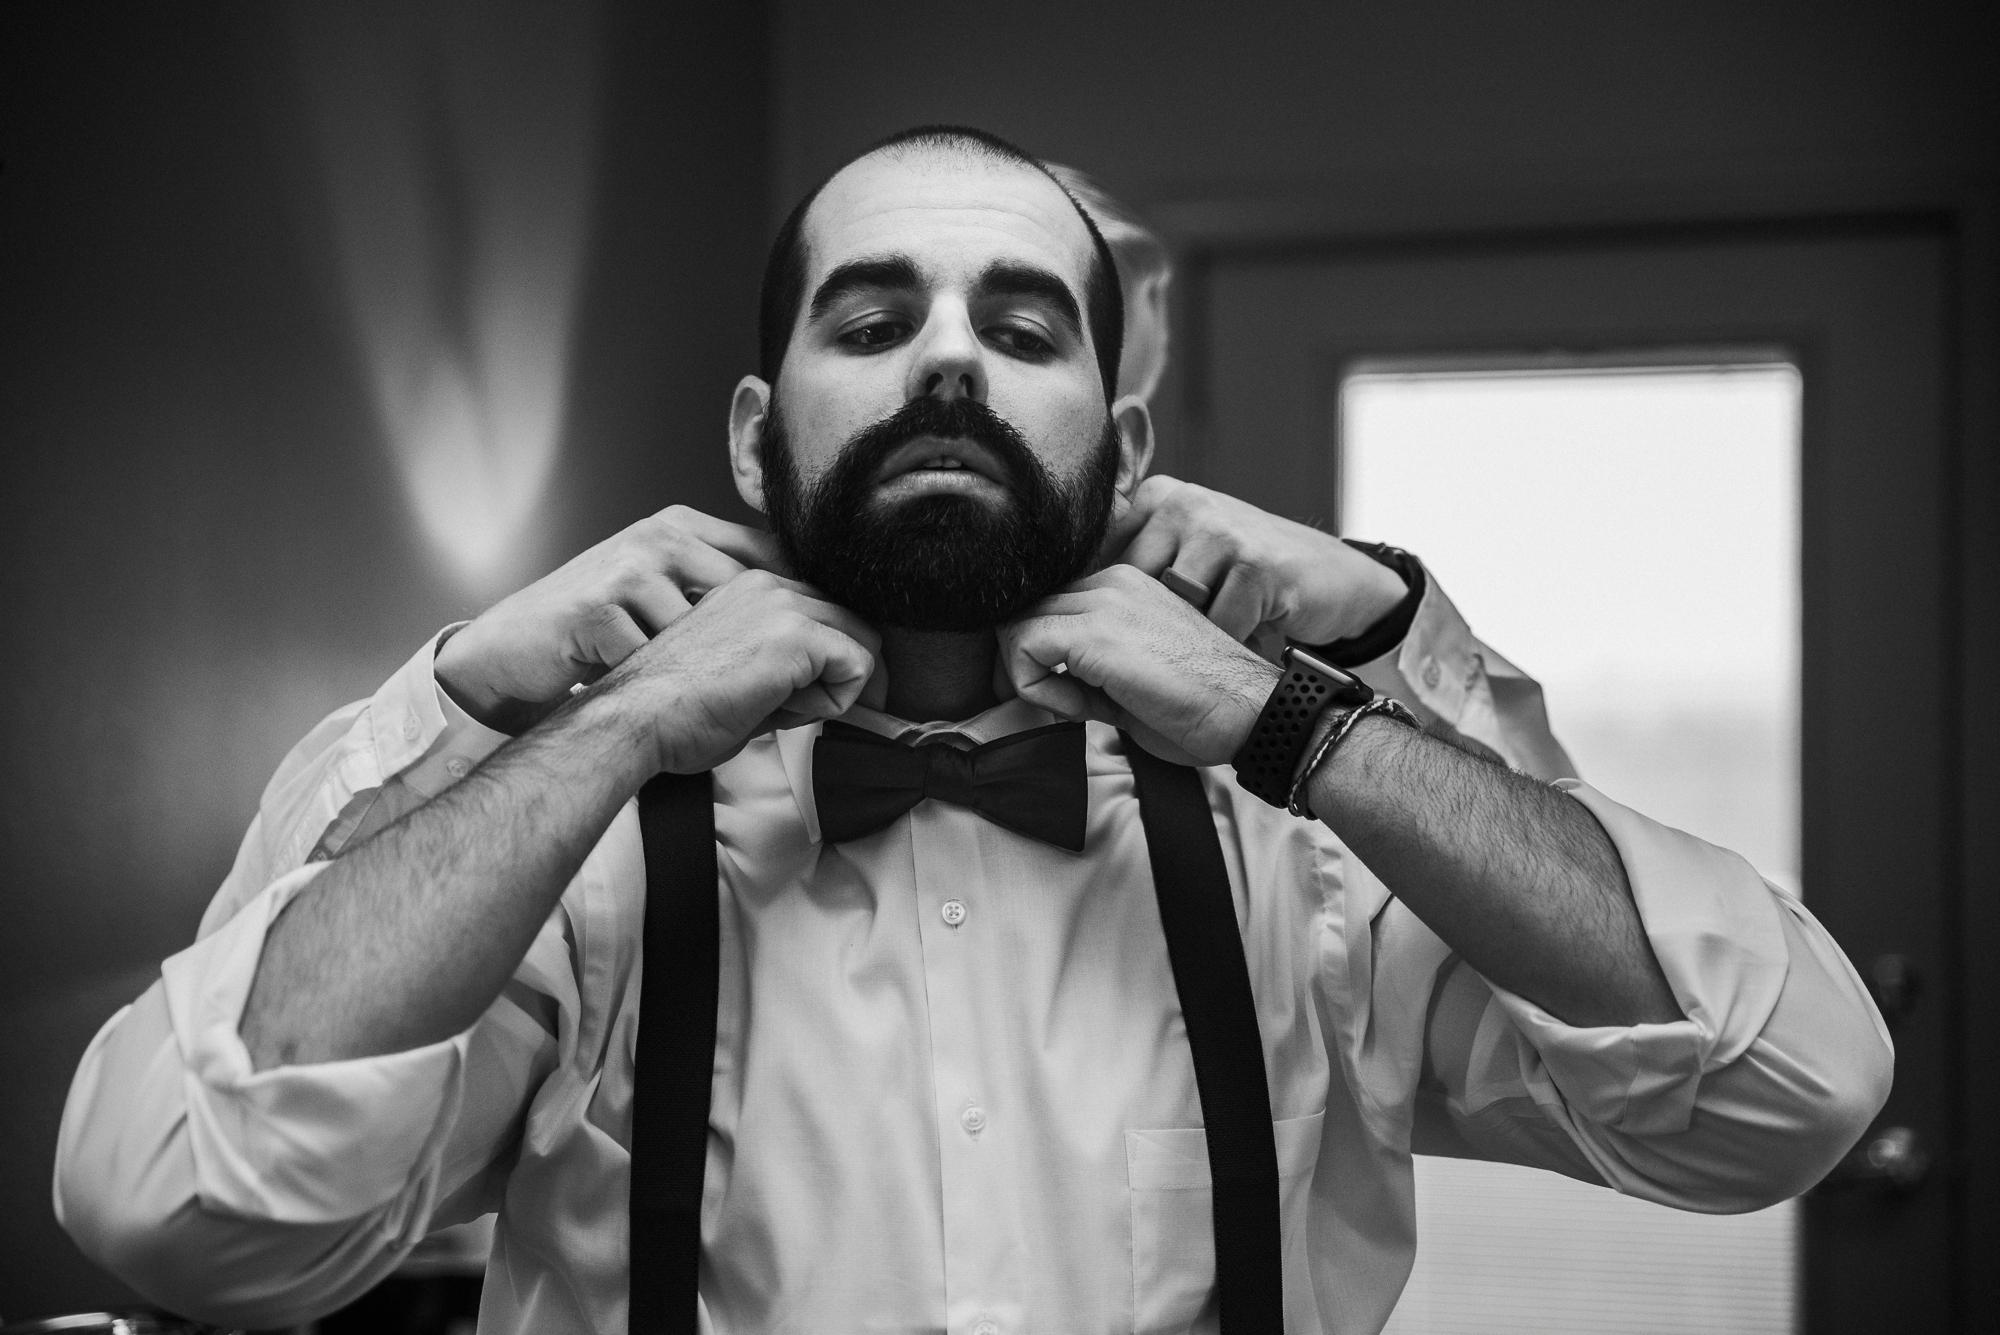 groom wedding photographer